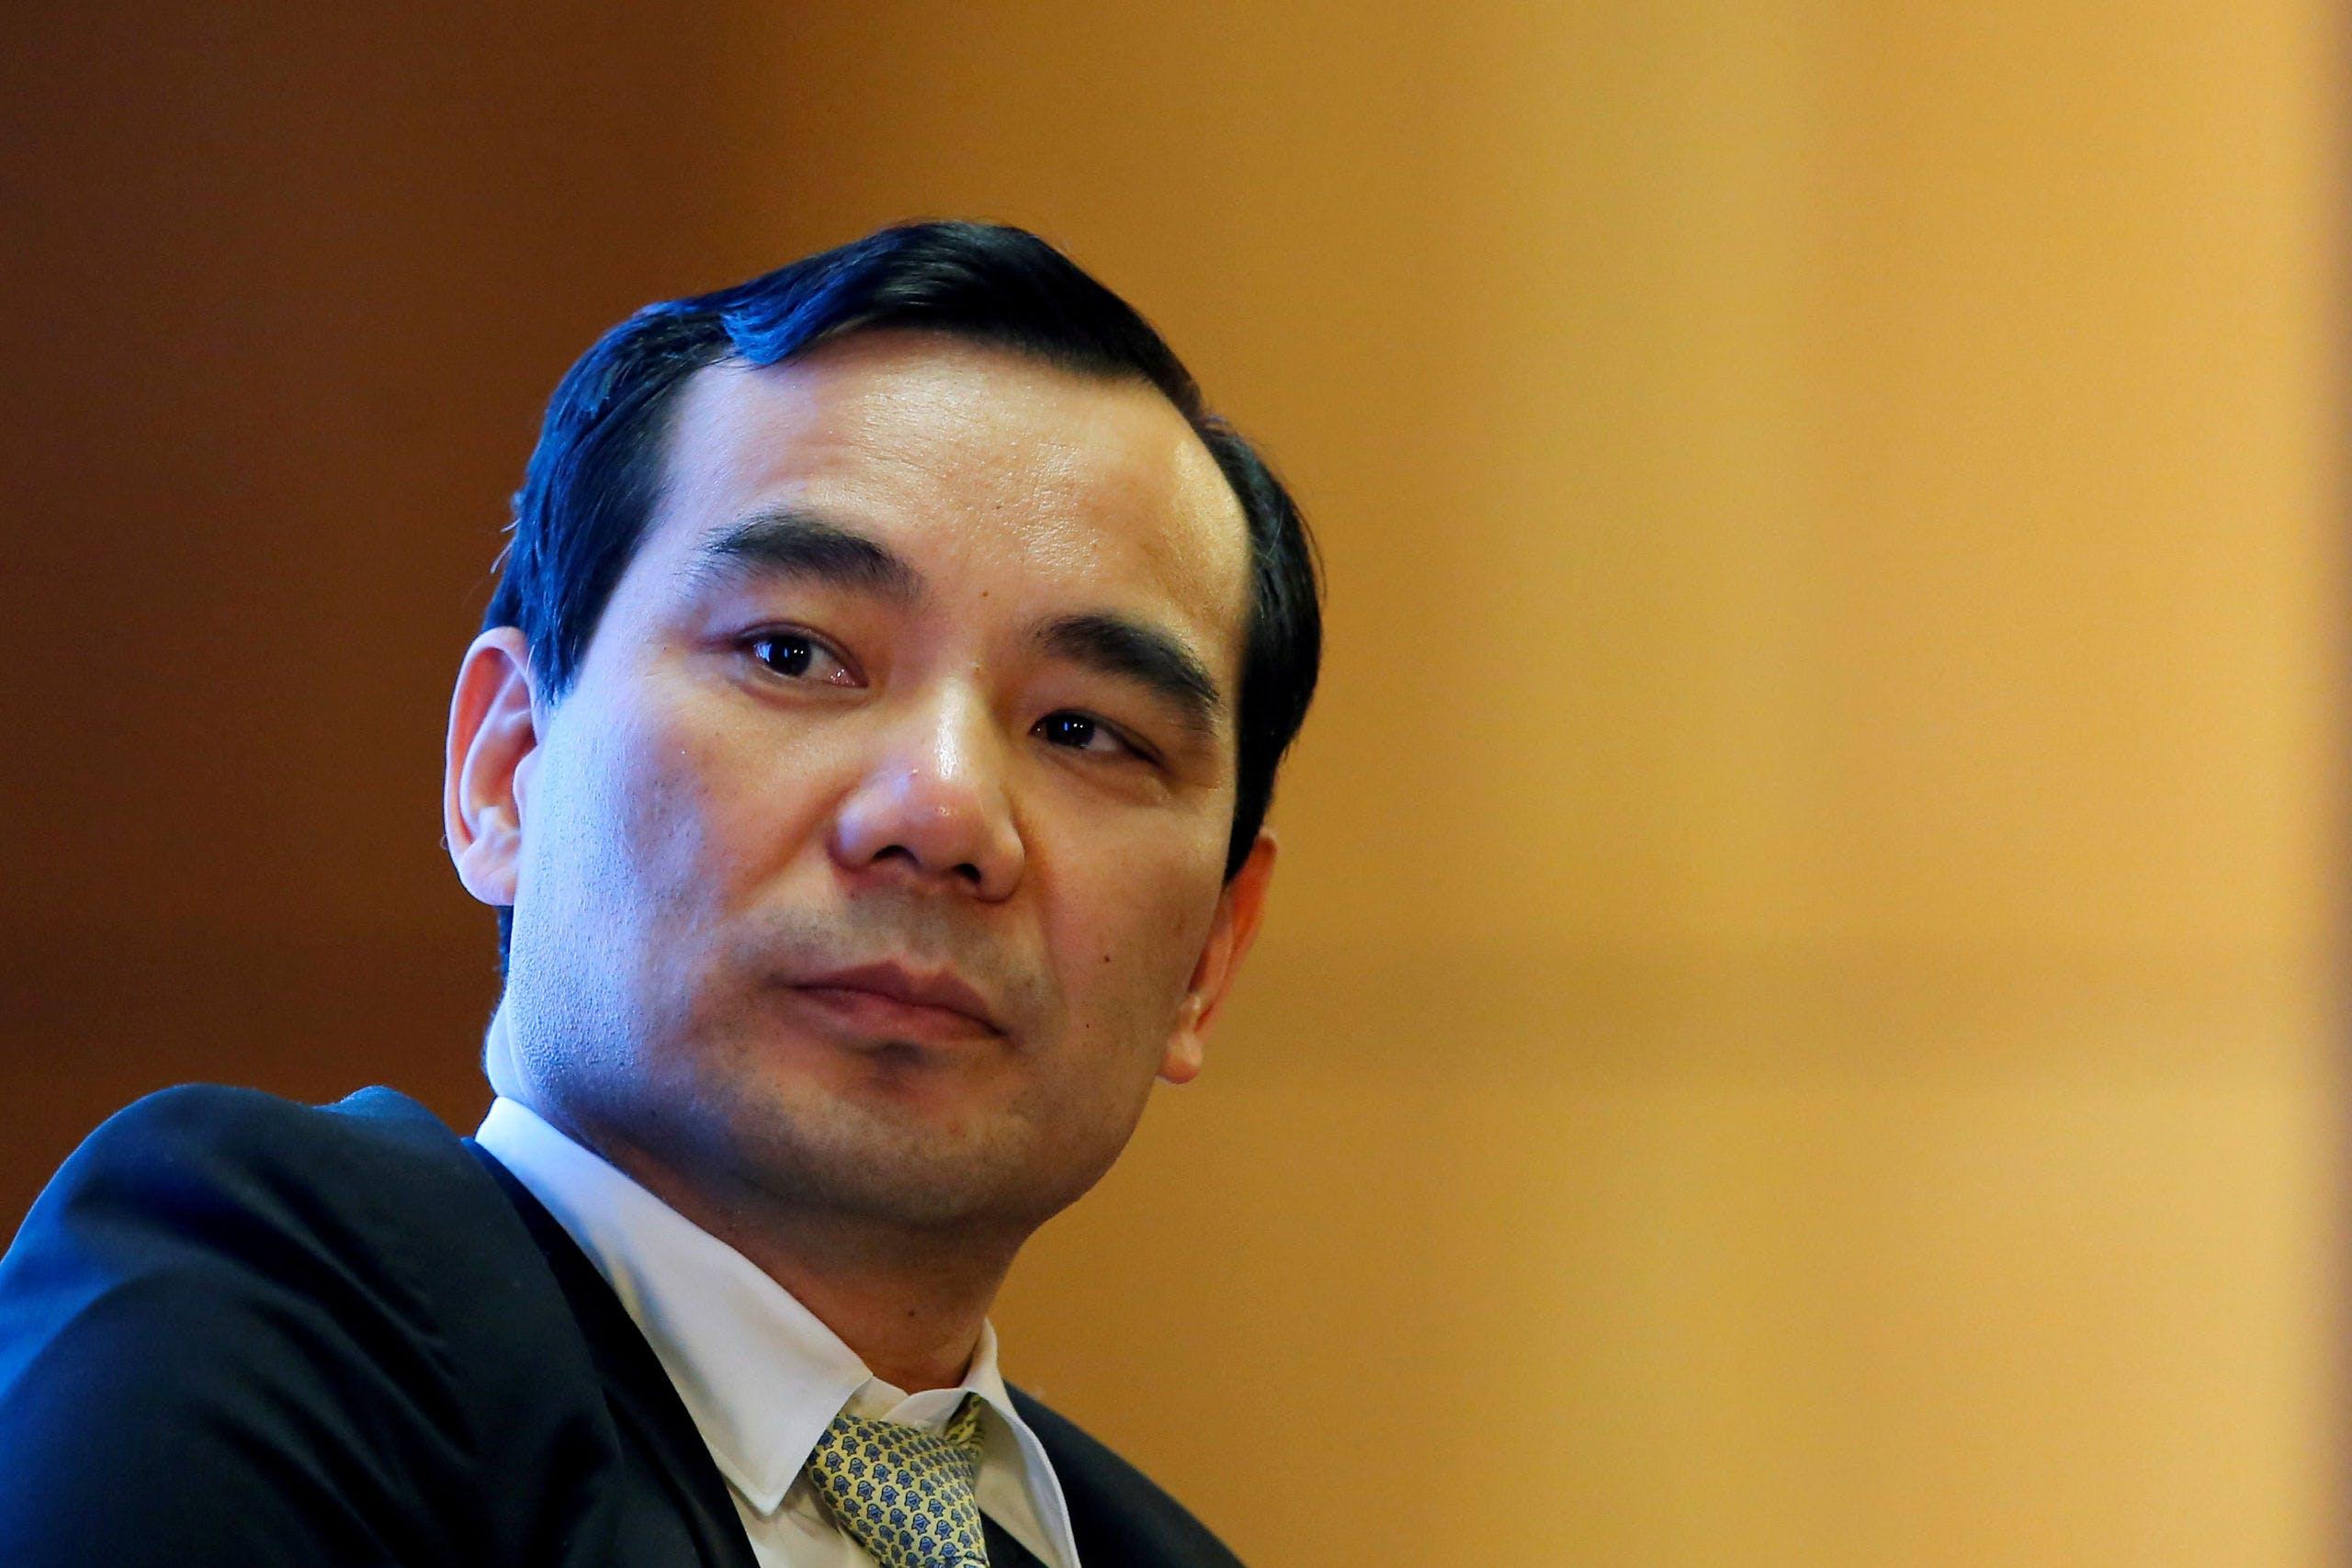 De gevallen topman Wu Xiaohui van Anbang, tijdens een van zijn laatste publieke optredens in het voorjaar van 2017.